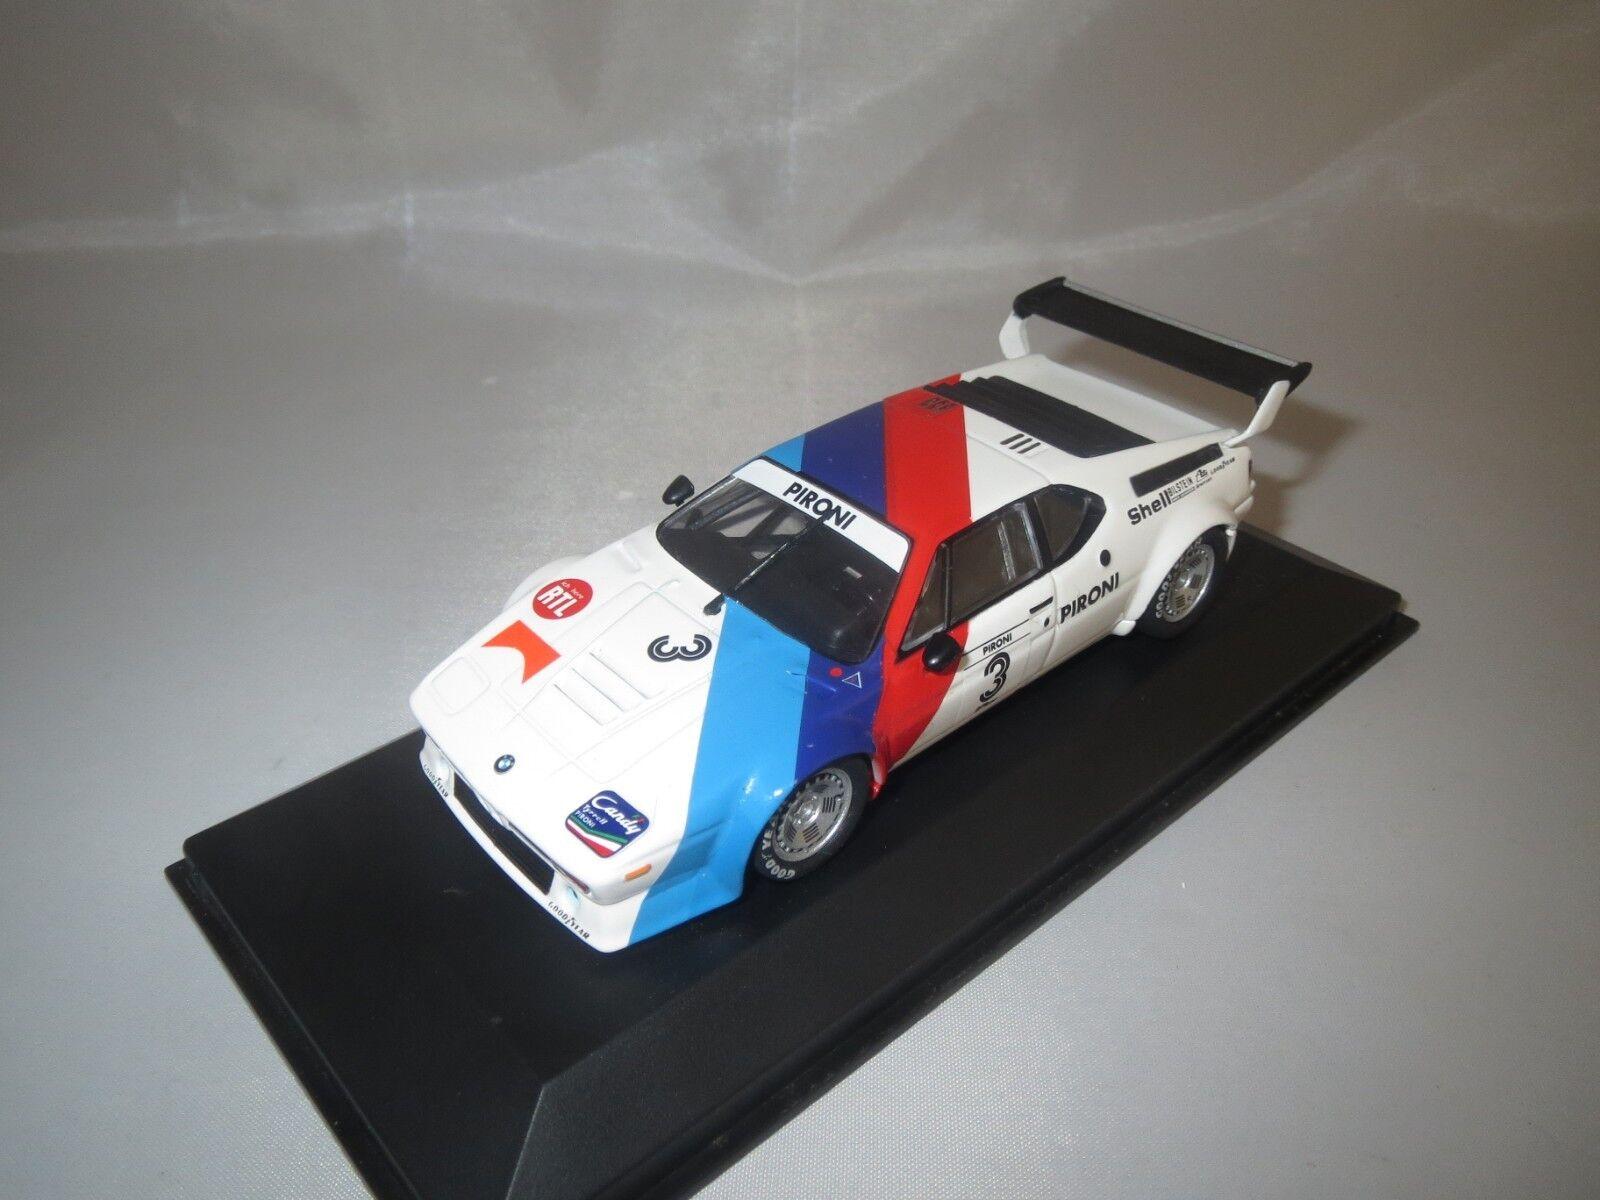 MINICHAMPS BMW m1 Workscar (D. PIRONI  3) 1 43 en vitrine